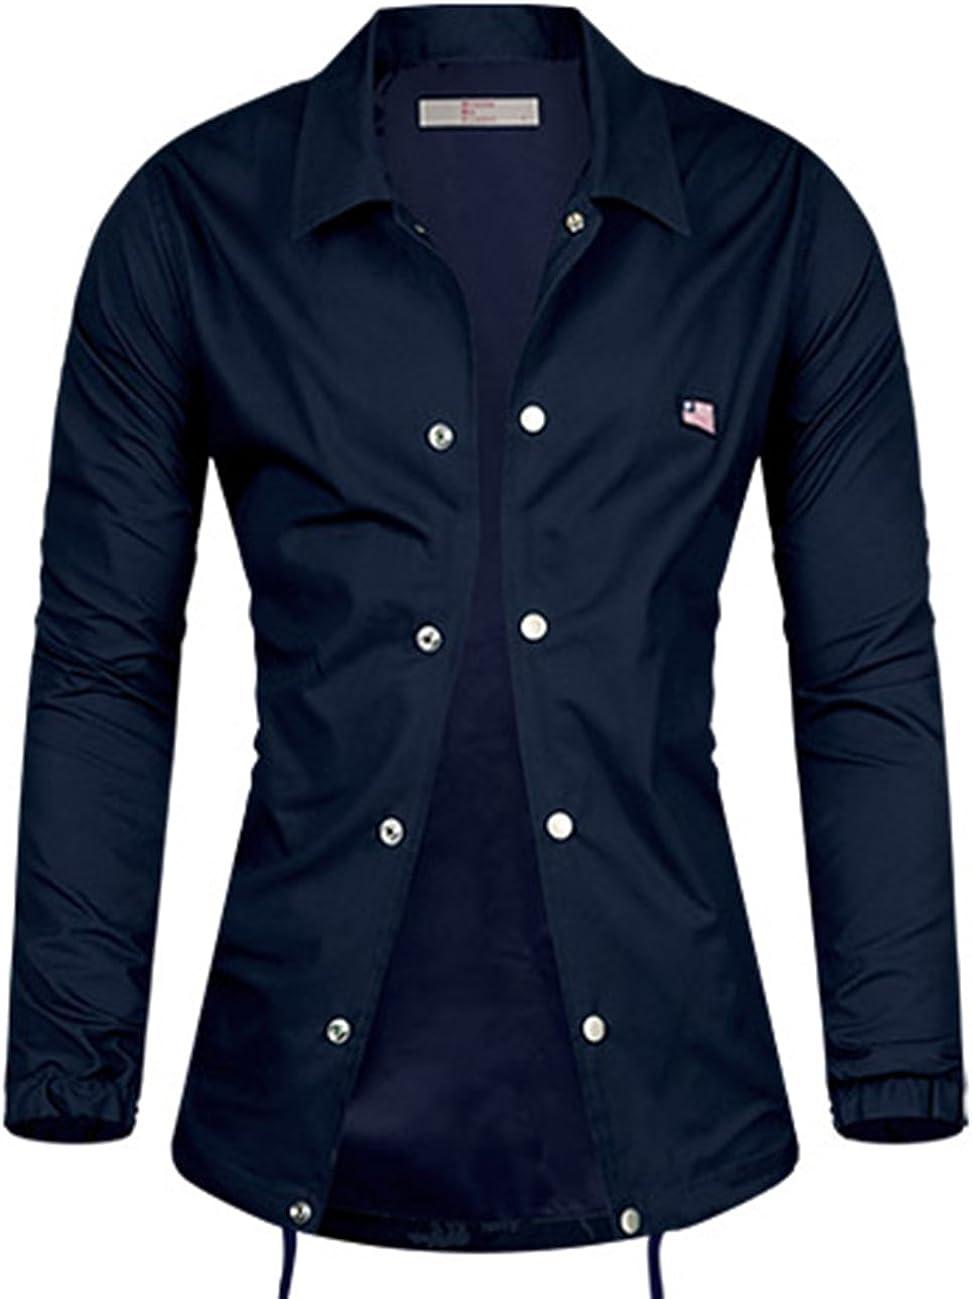 Men's Luxury Pure Cotton Suit Blazer Jacket Jumper